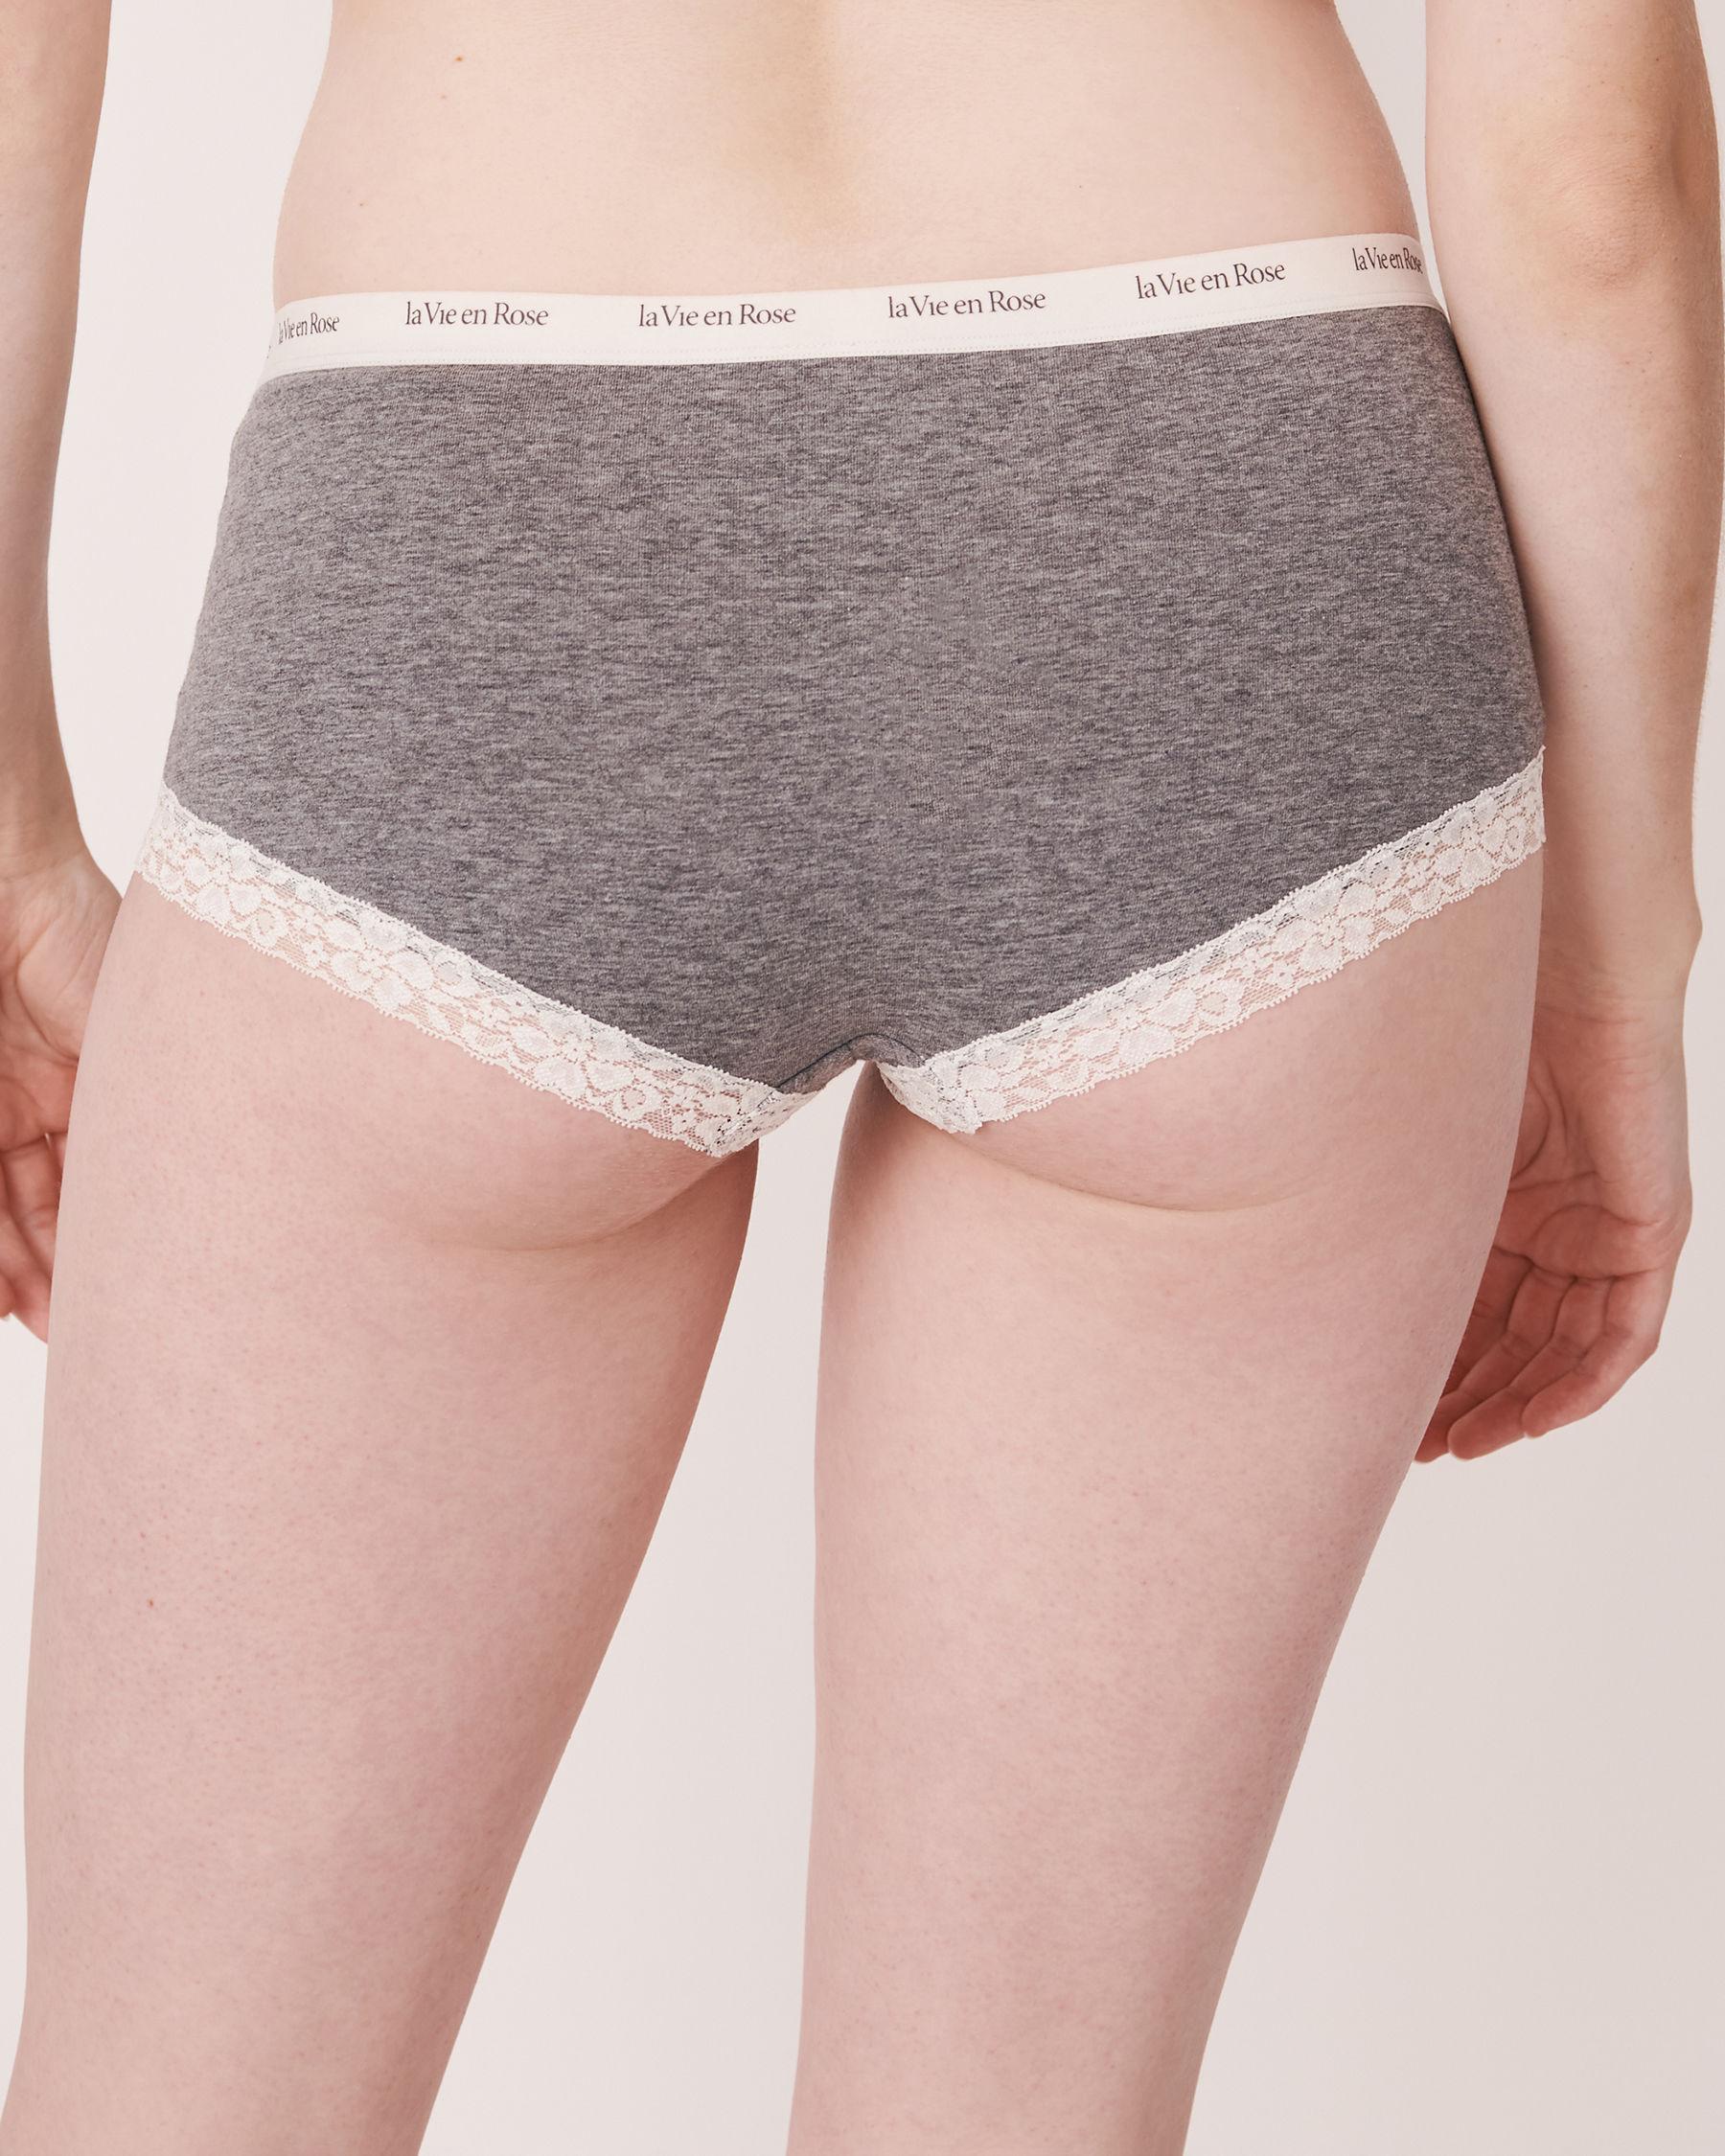 LA VIE EN ROSE Faux Buttonholes Boyleg Panty Grey 179-213-0-00 - View2